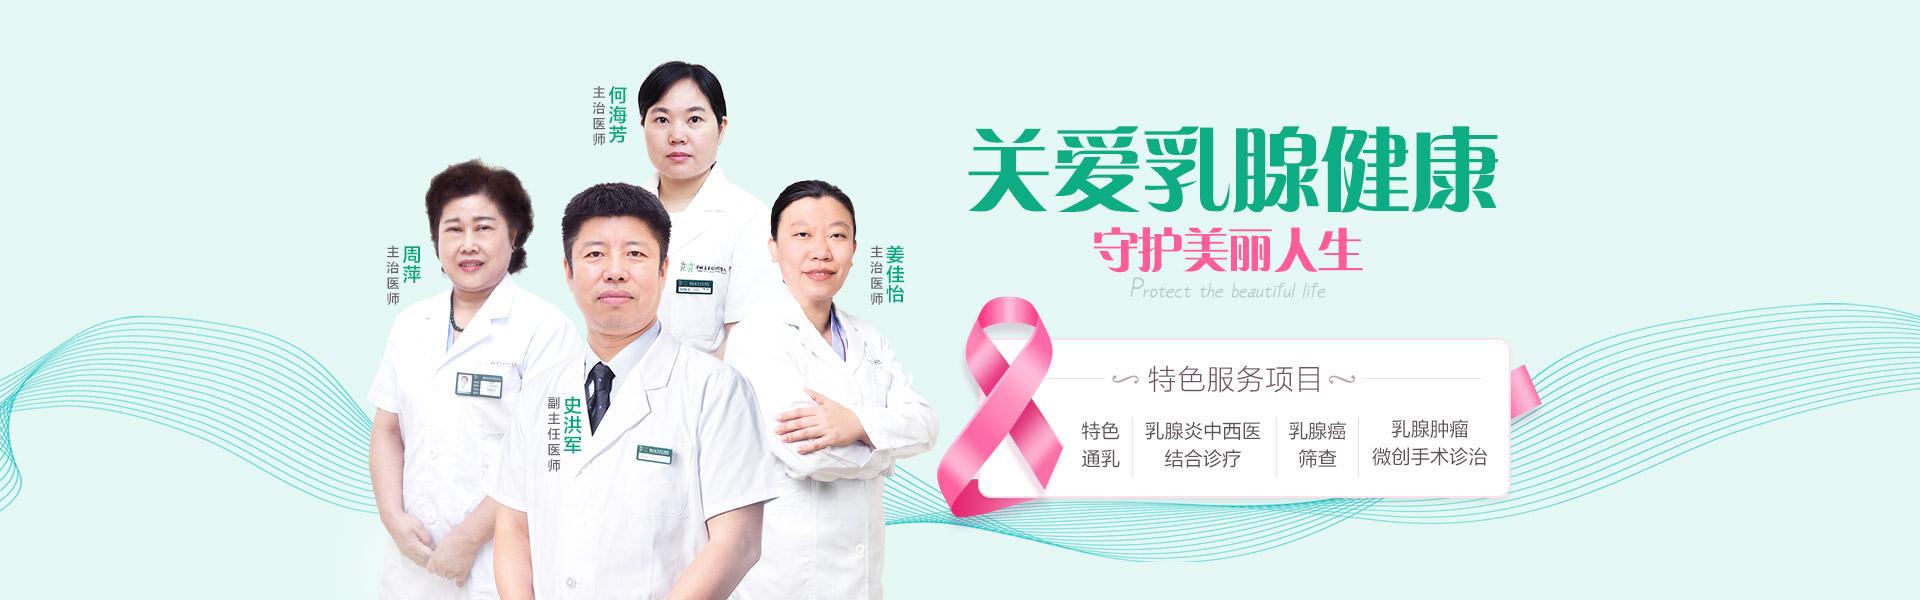 乳腺品牌广告